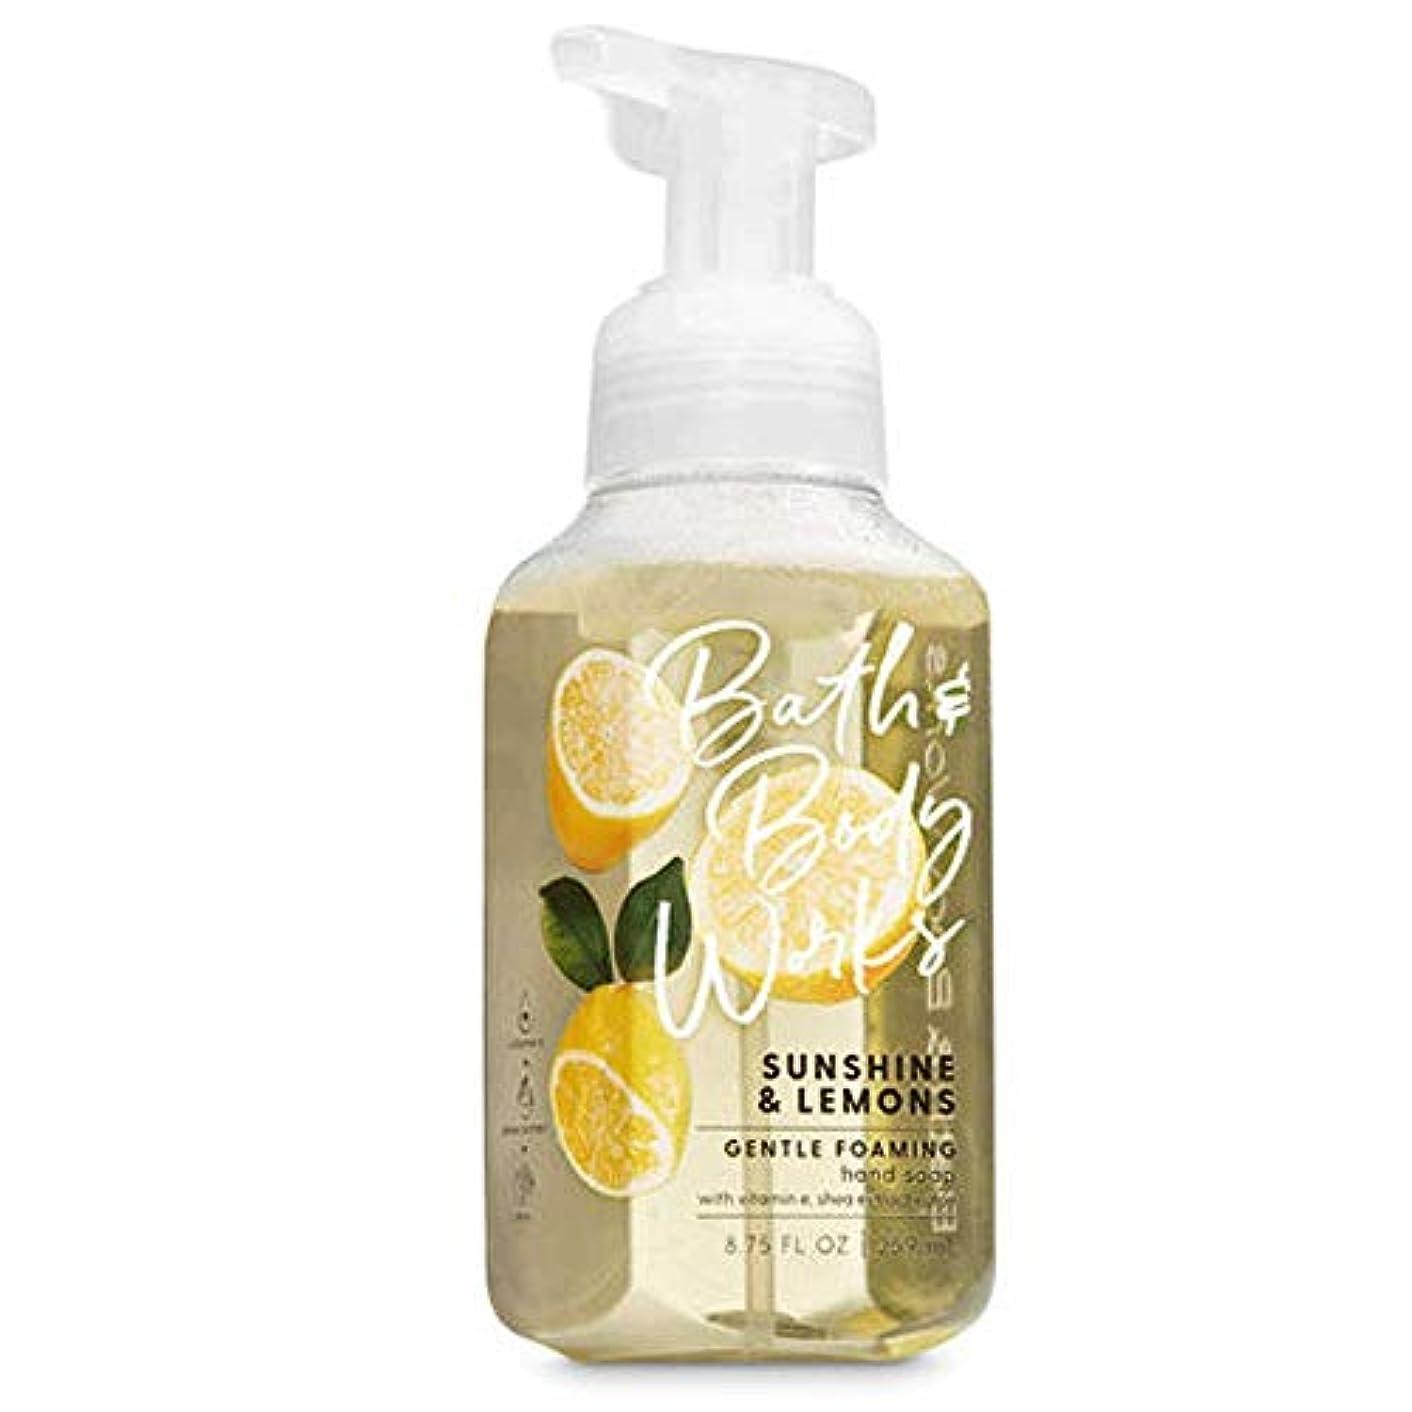 コントロール限りマラドロイトバス&ボディワークス サンシャインレモン ジェントル フォーミング ハンドソープ Sunshine & Lemons Gentle Foaming Hand Soap